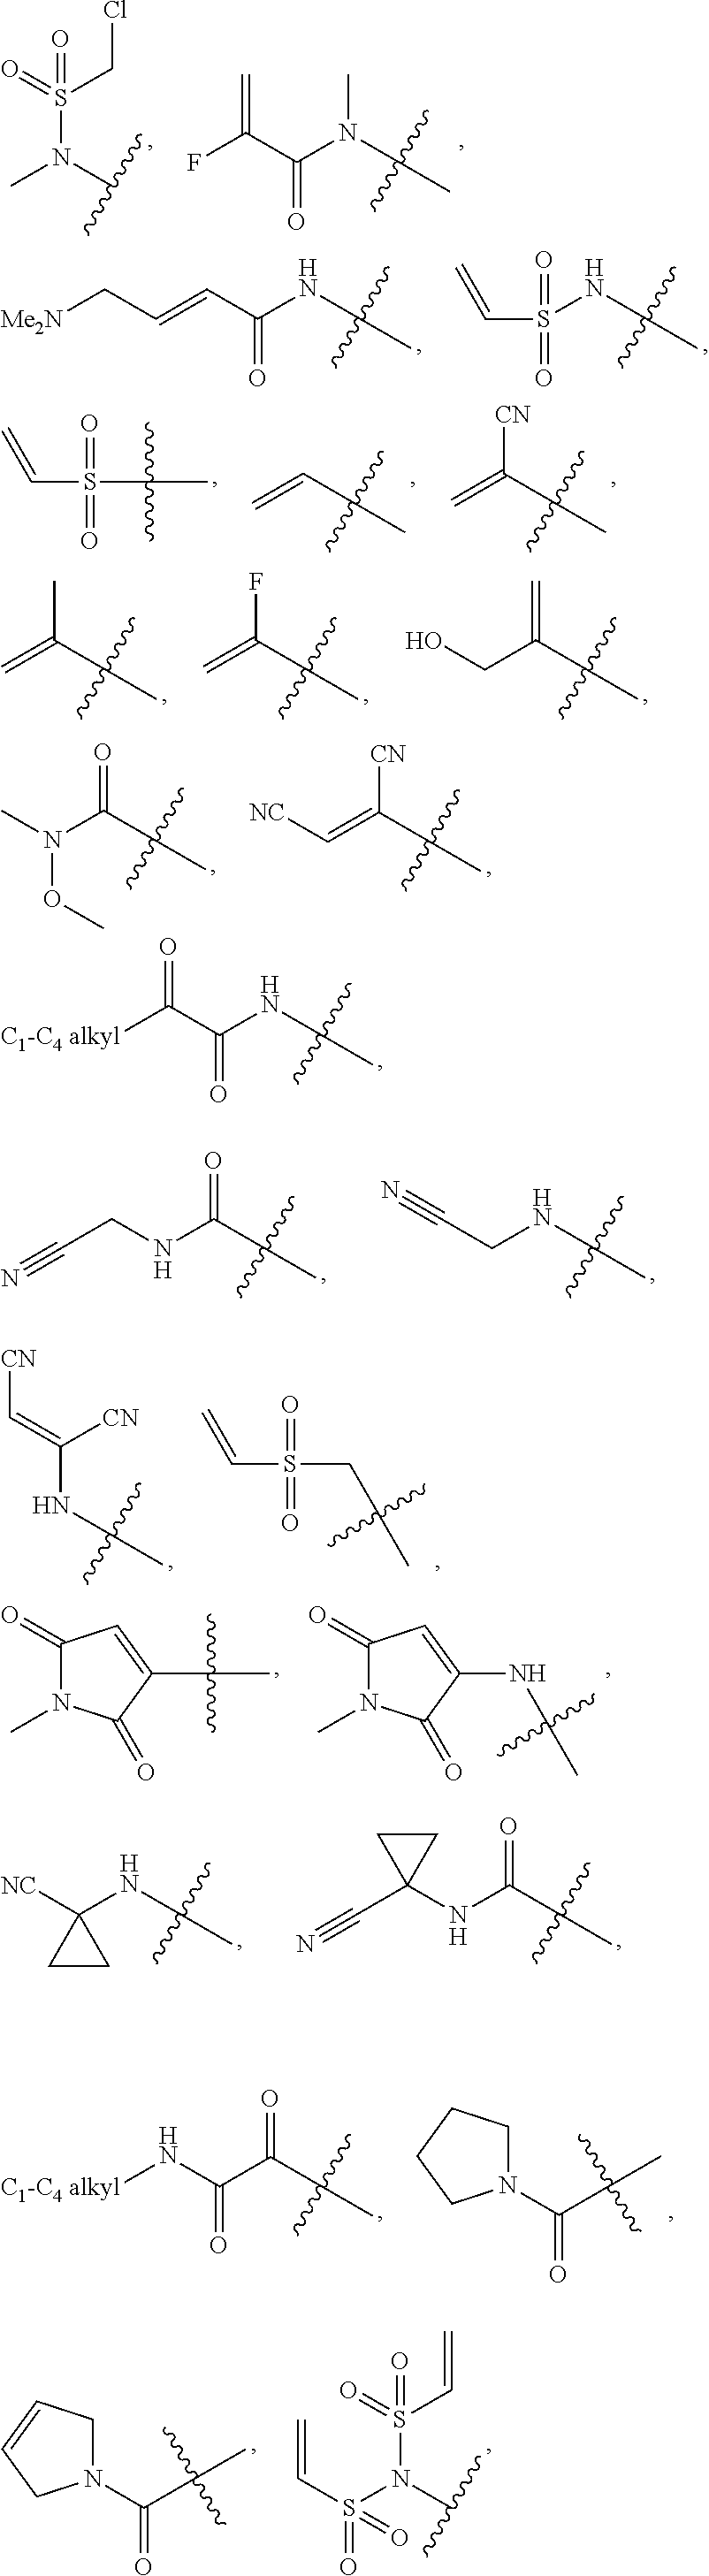 Figure US09856279-20180102-C00008